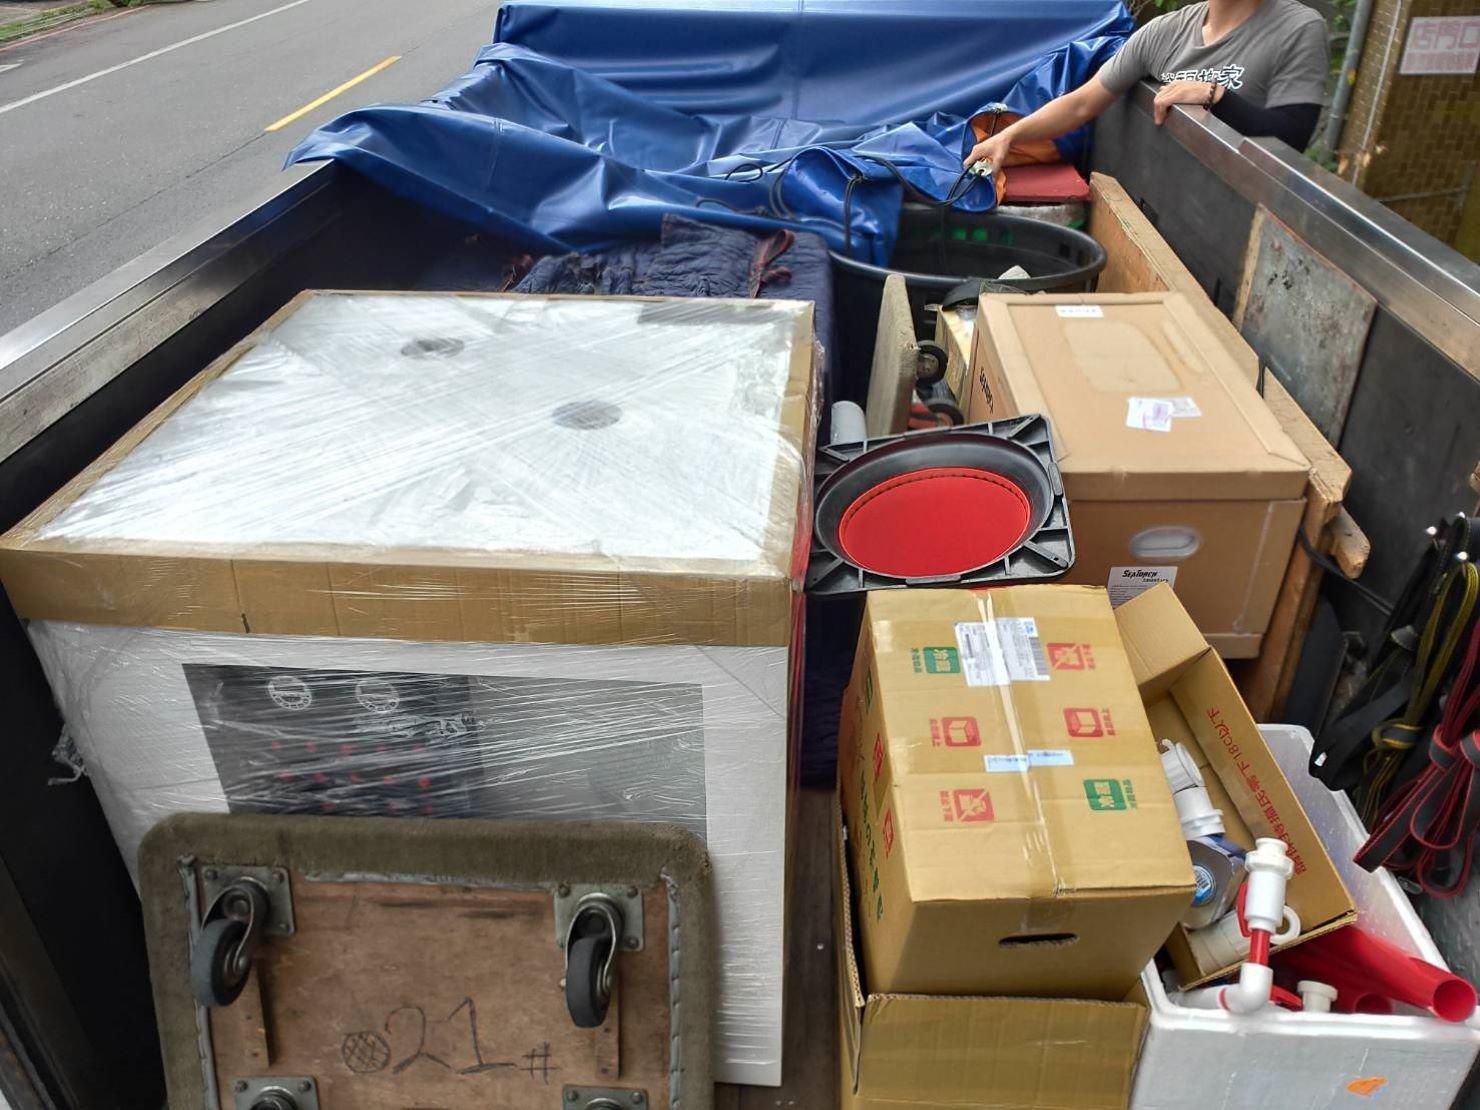 搬魚缸【榮福搬家】搬重物、搬金庫、台北搬家推薦:將顧客須搬運物品:魚缸、魚缸櫃及魚缸配備用品搬運至貨車上,固定擺放